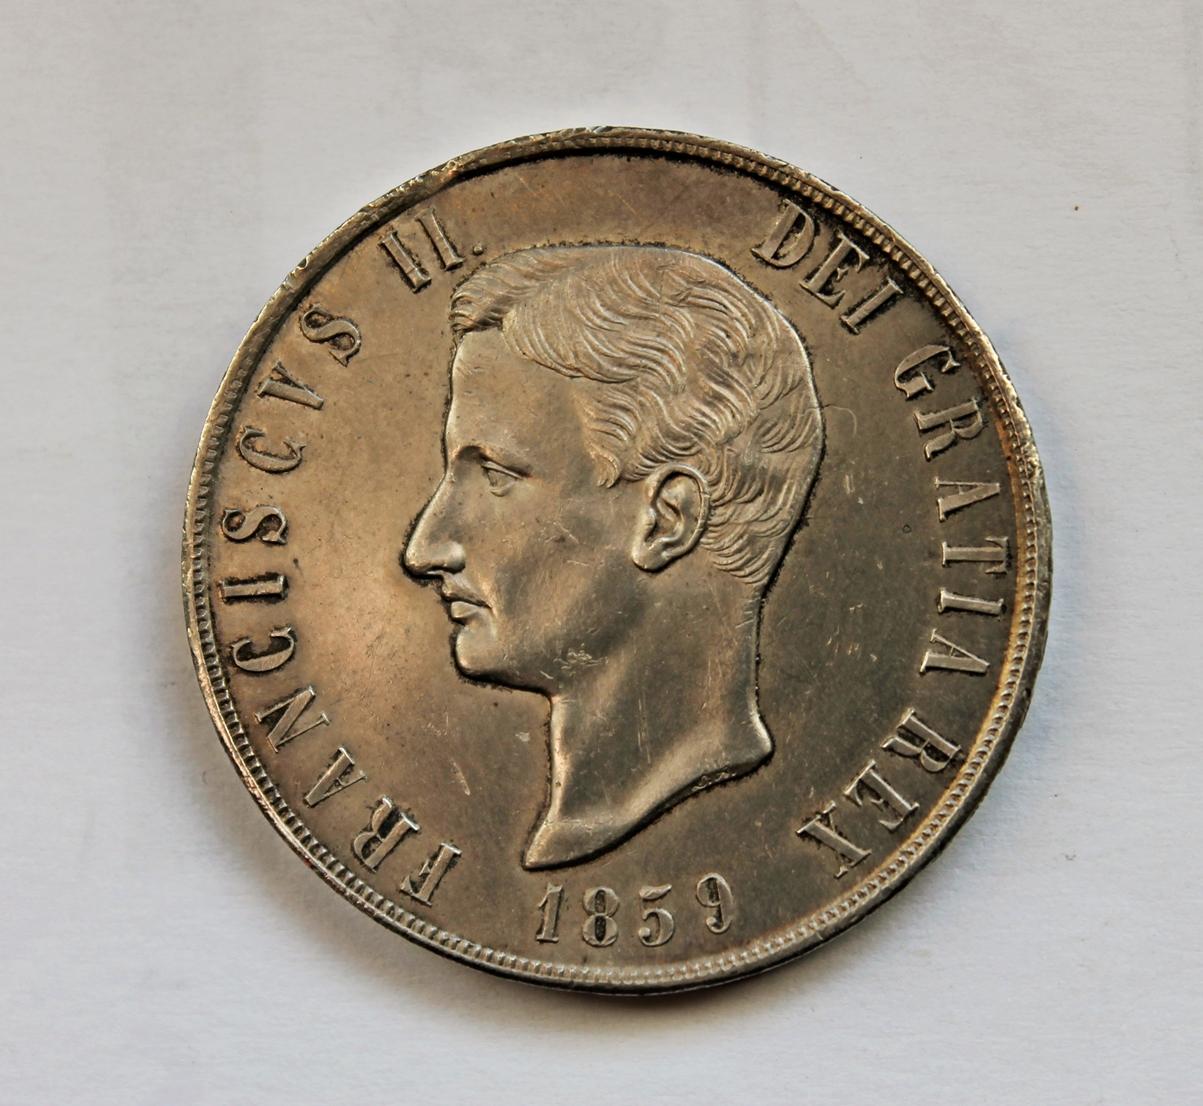 120 grana 1859 francesco ii monete e medaglie delle due for Siti di collezionismo